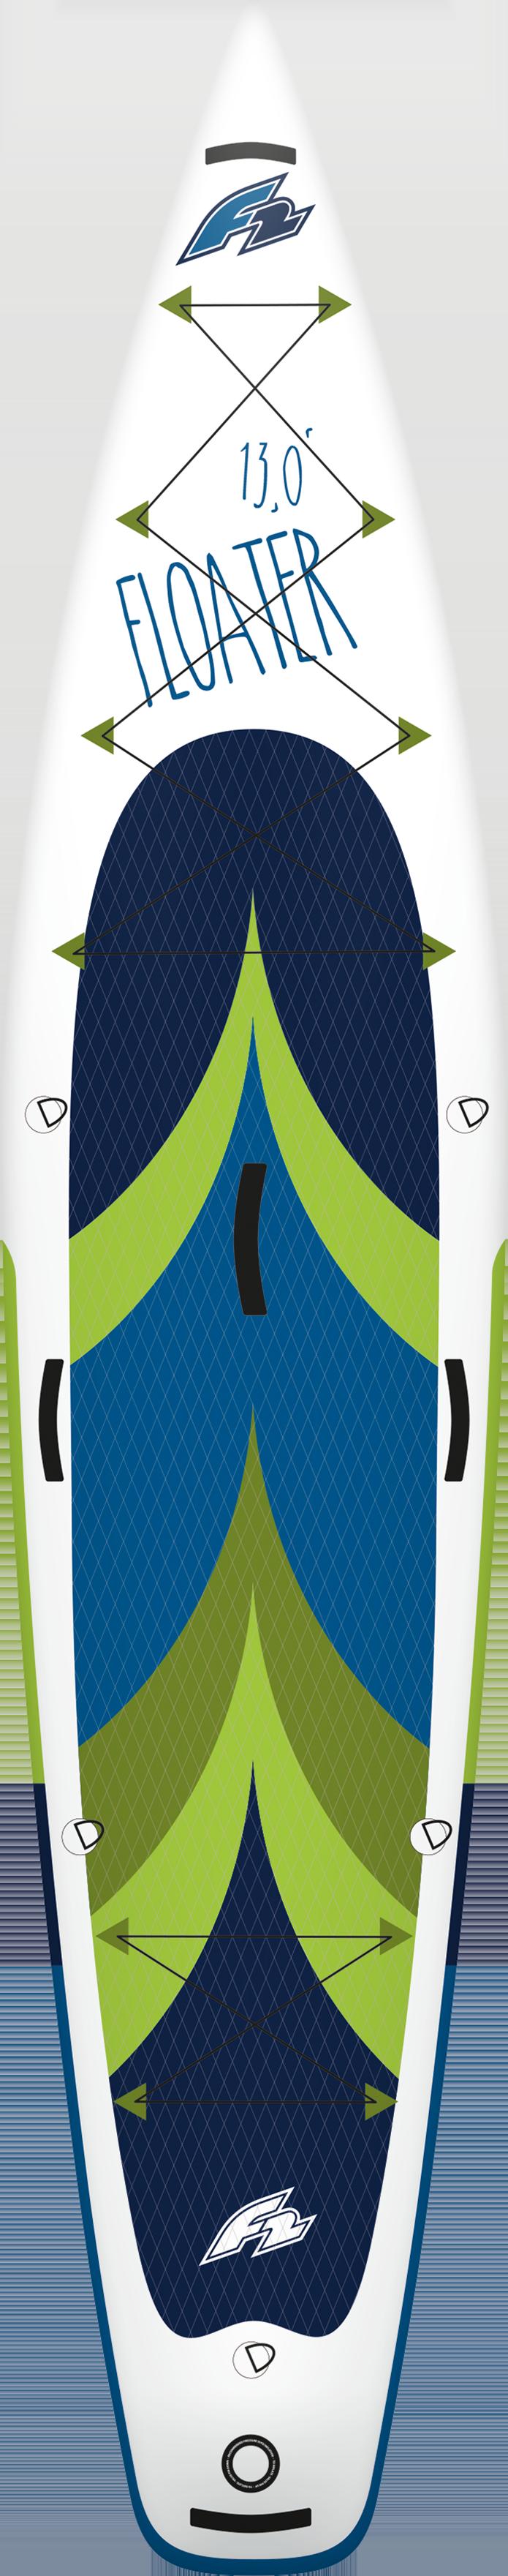 FLOATER OLIVE - Top